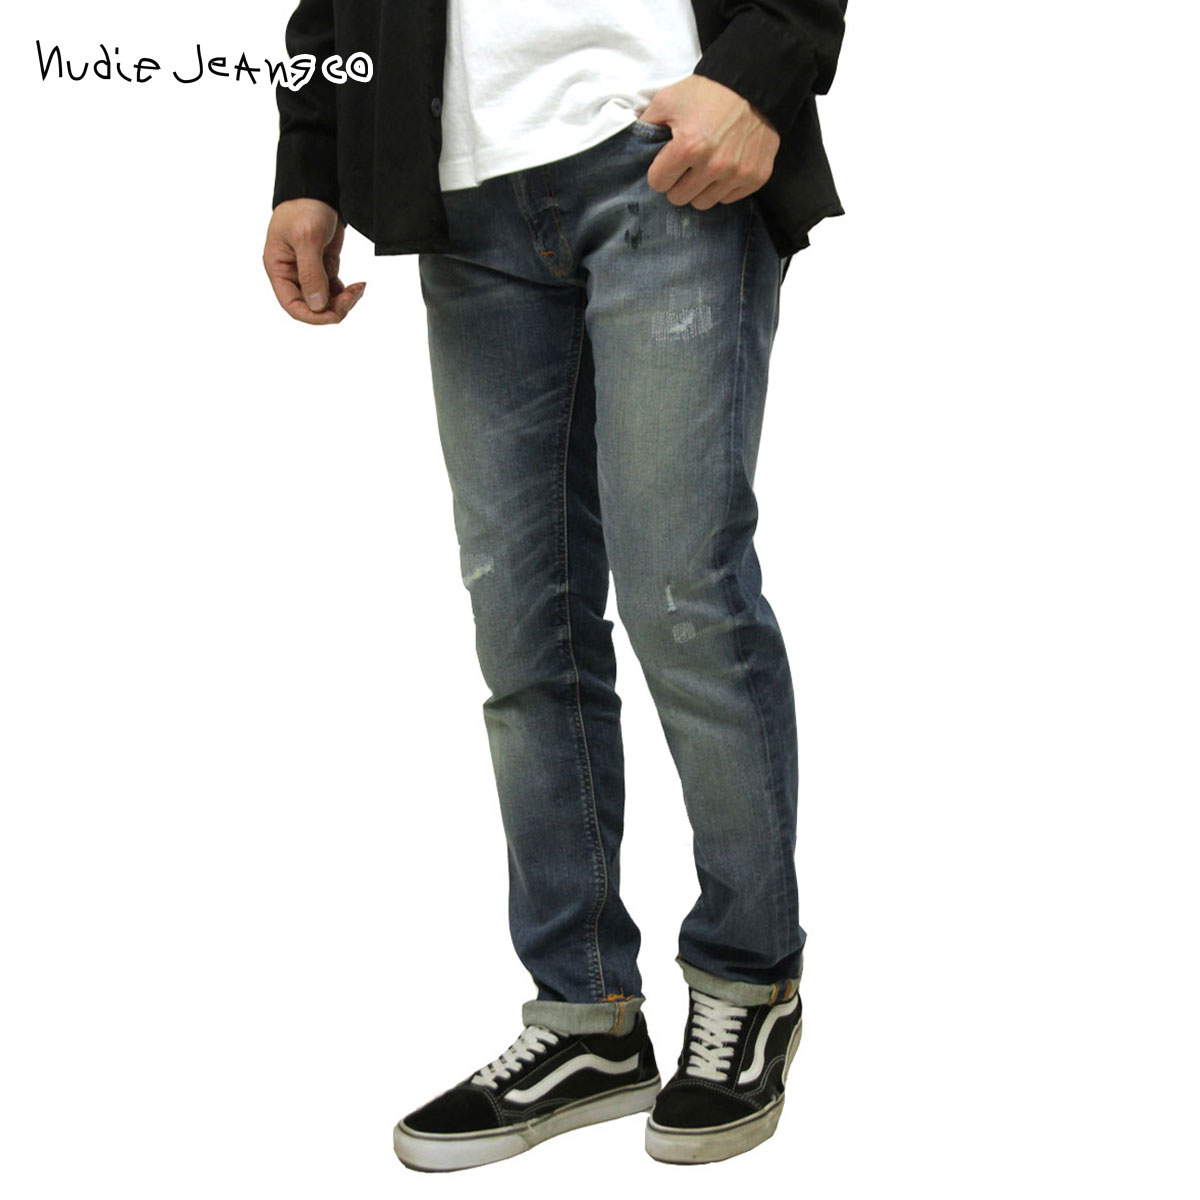 ヌーディージーンズ ジーンズ メンズ 正規販売店 Nudie Jeans シンフィン ジーパン THIN FINN DENIM JEANS AUTHENTIC REPAIR 034 113127:ブランド品セレクトショップ MIXON